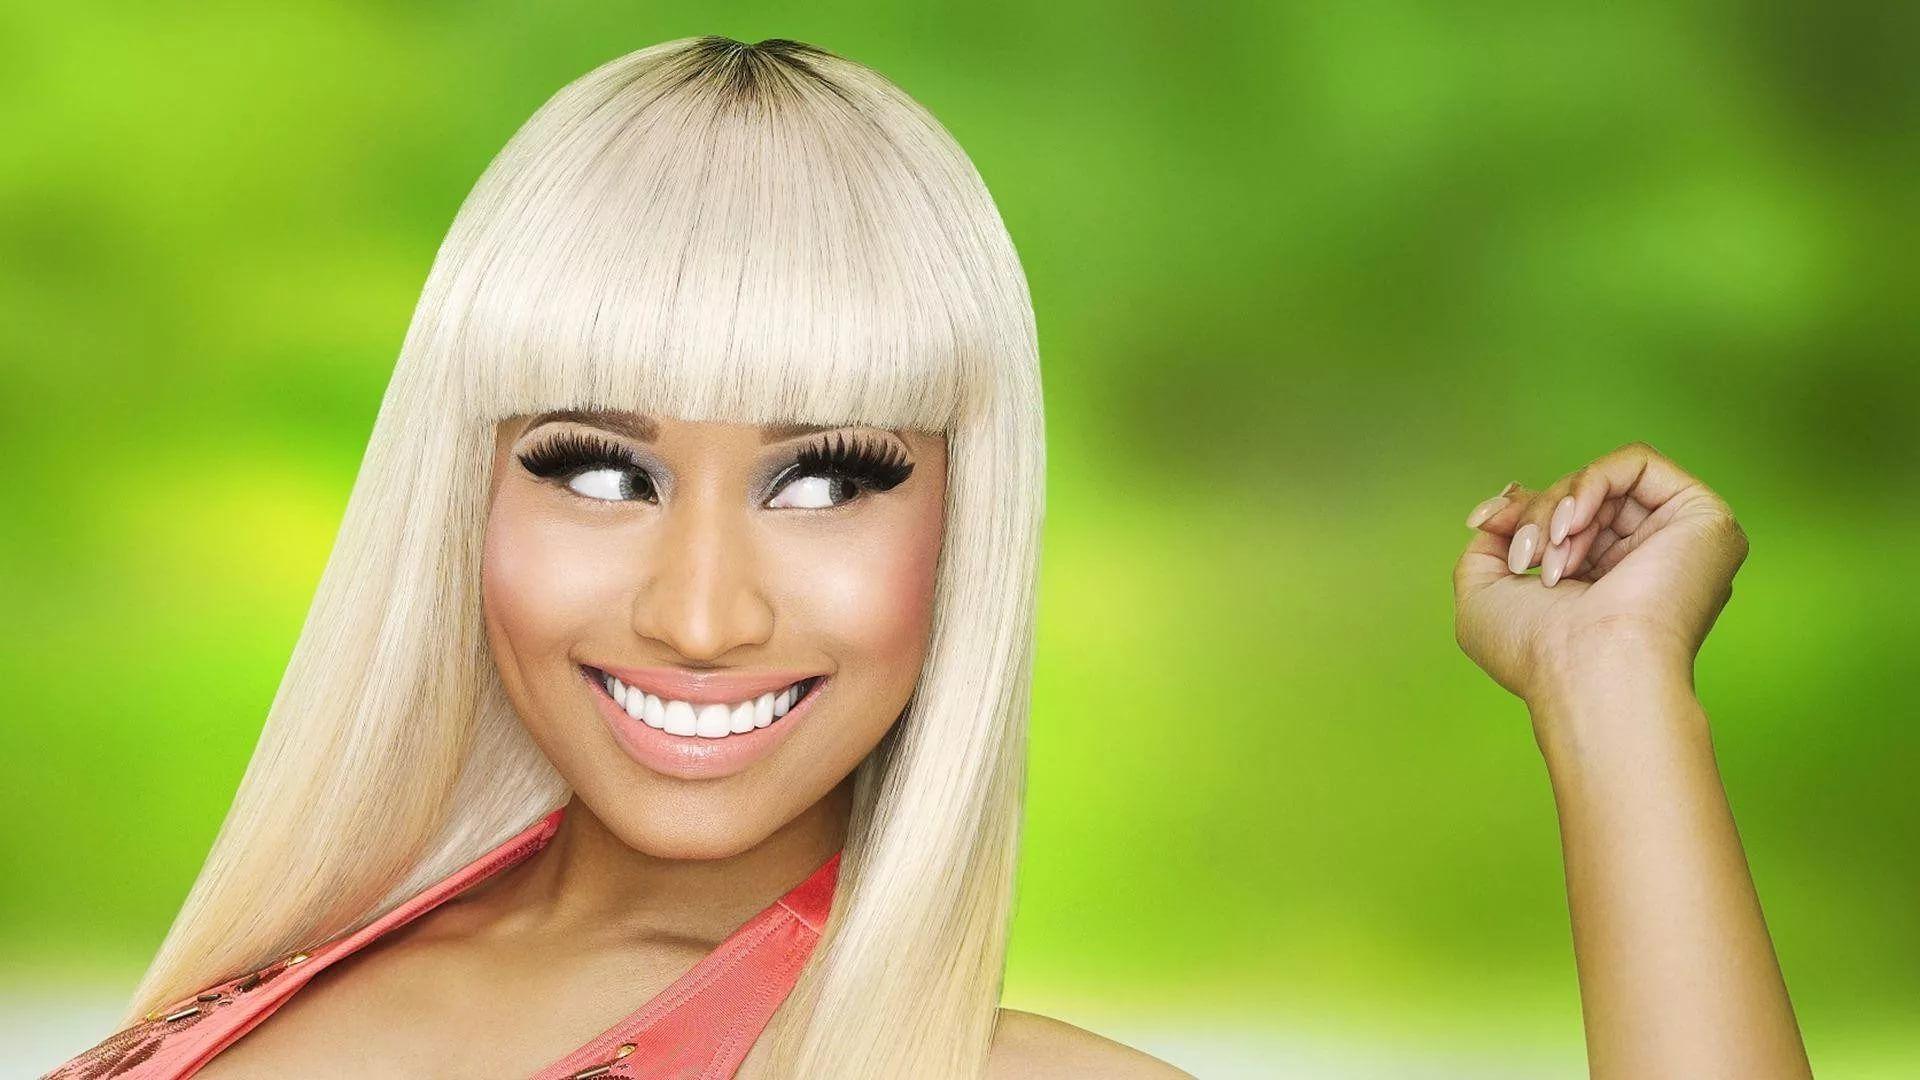 Nicki Minaj laptop wallpaper